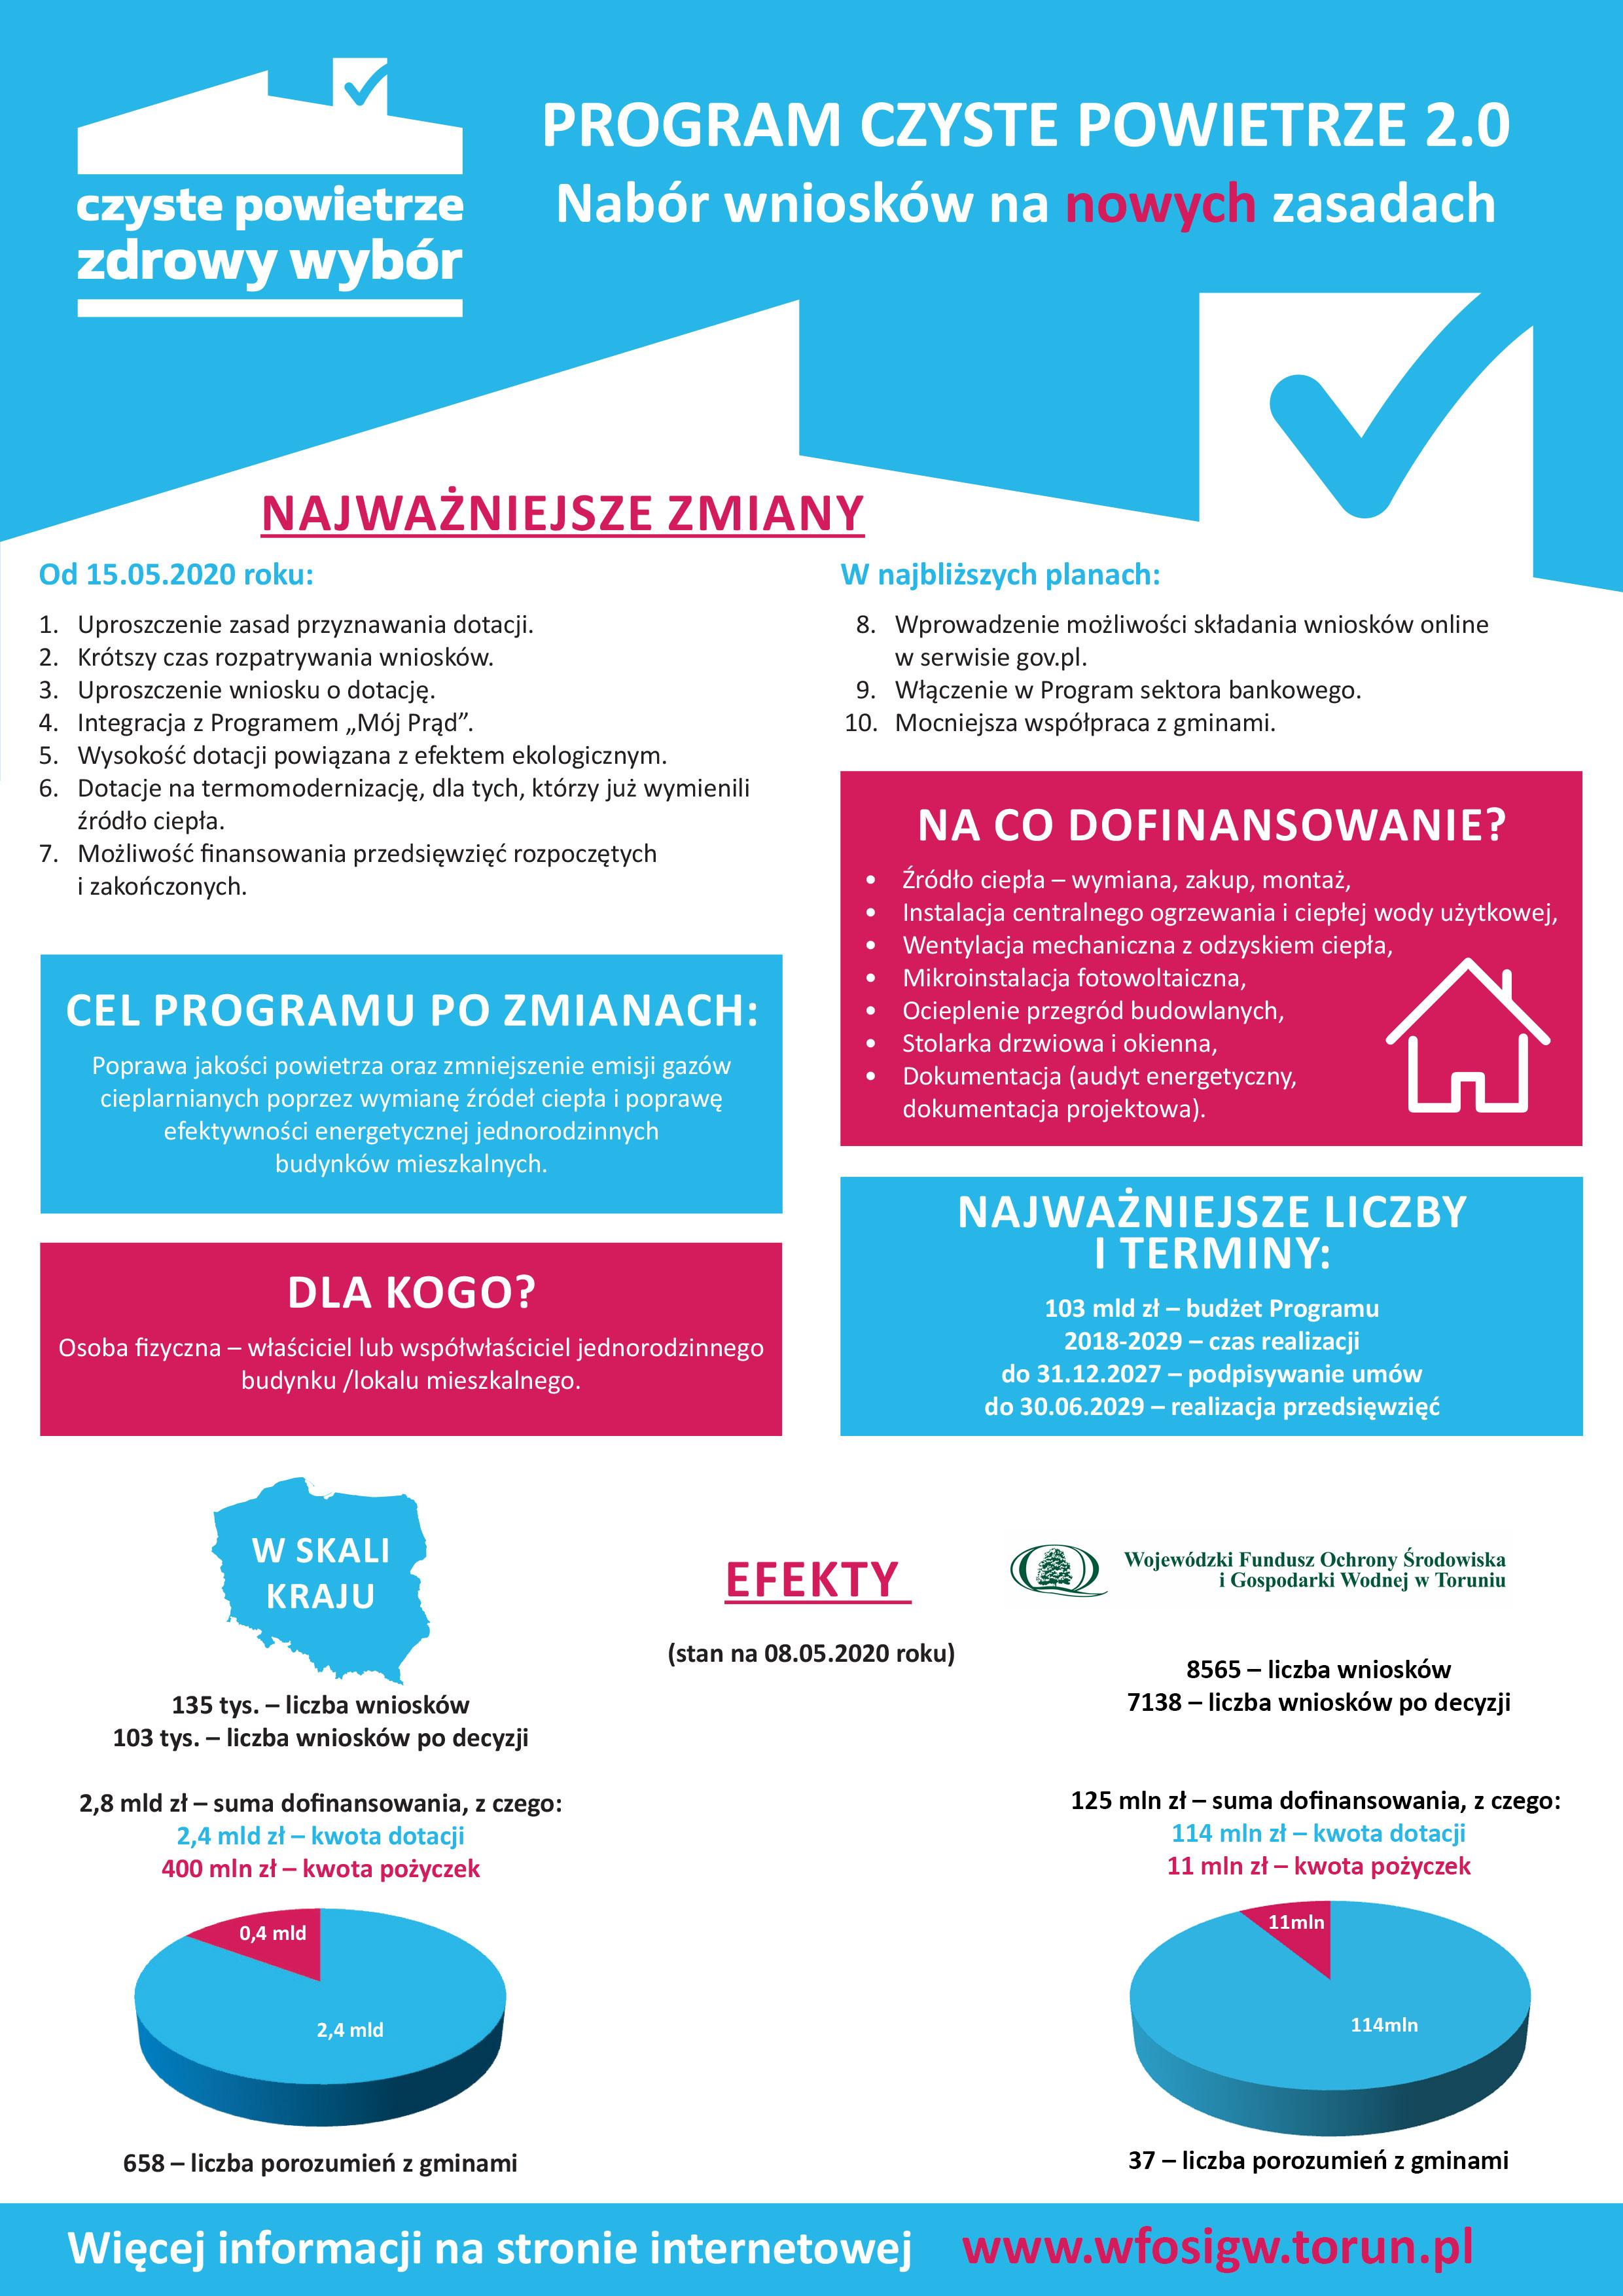 Program Czyste Powietrze 2.0 - zmiany, cel programu i inne informacje